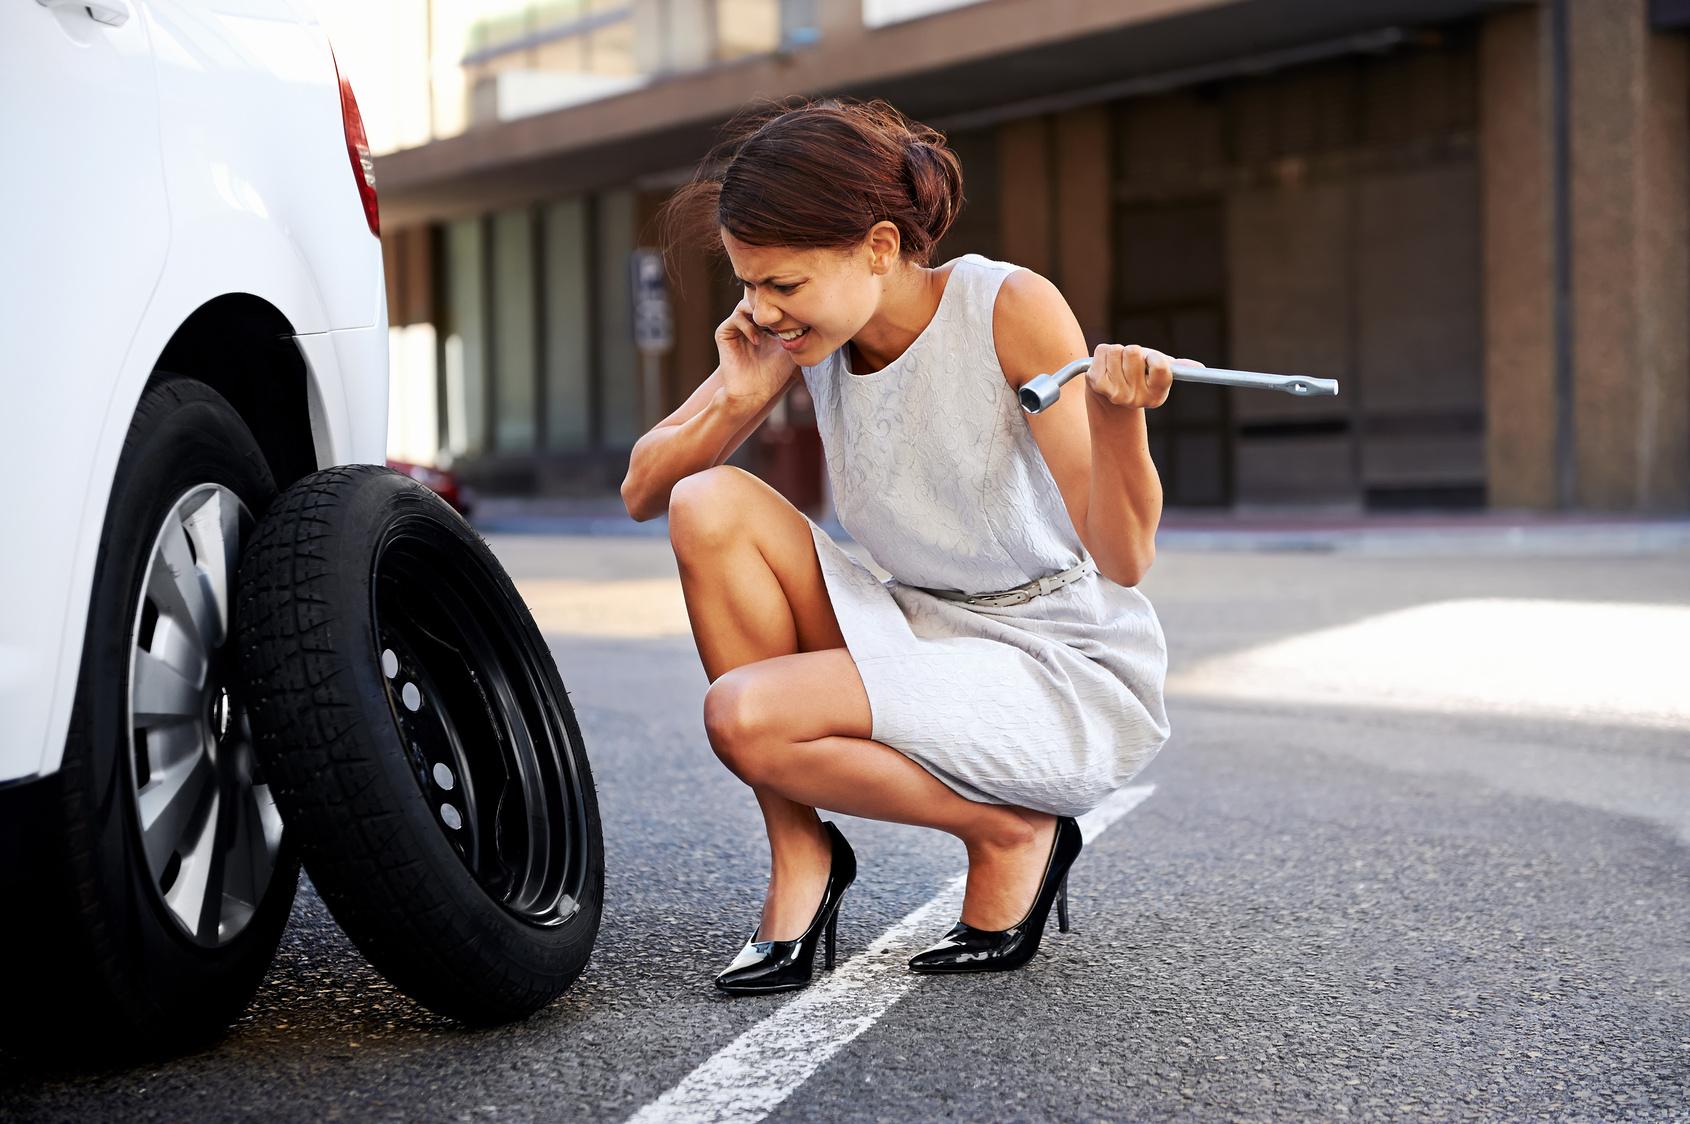 Mobile Tire Repair in Dumas, TX